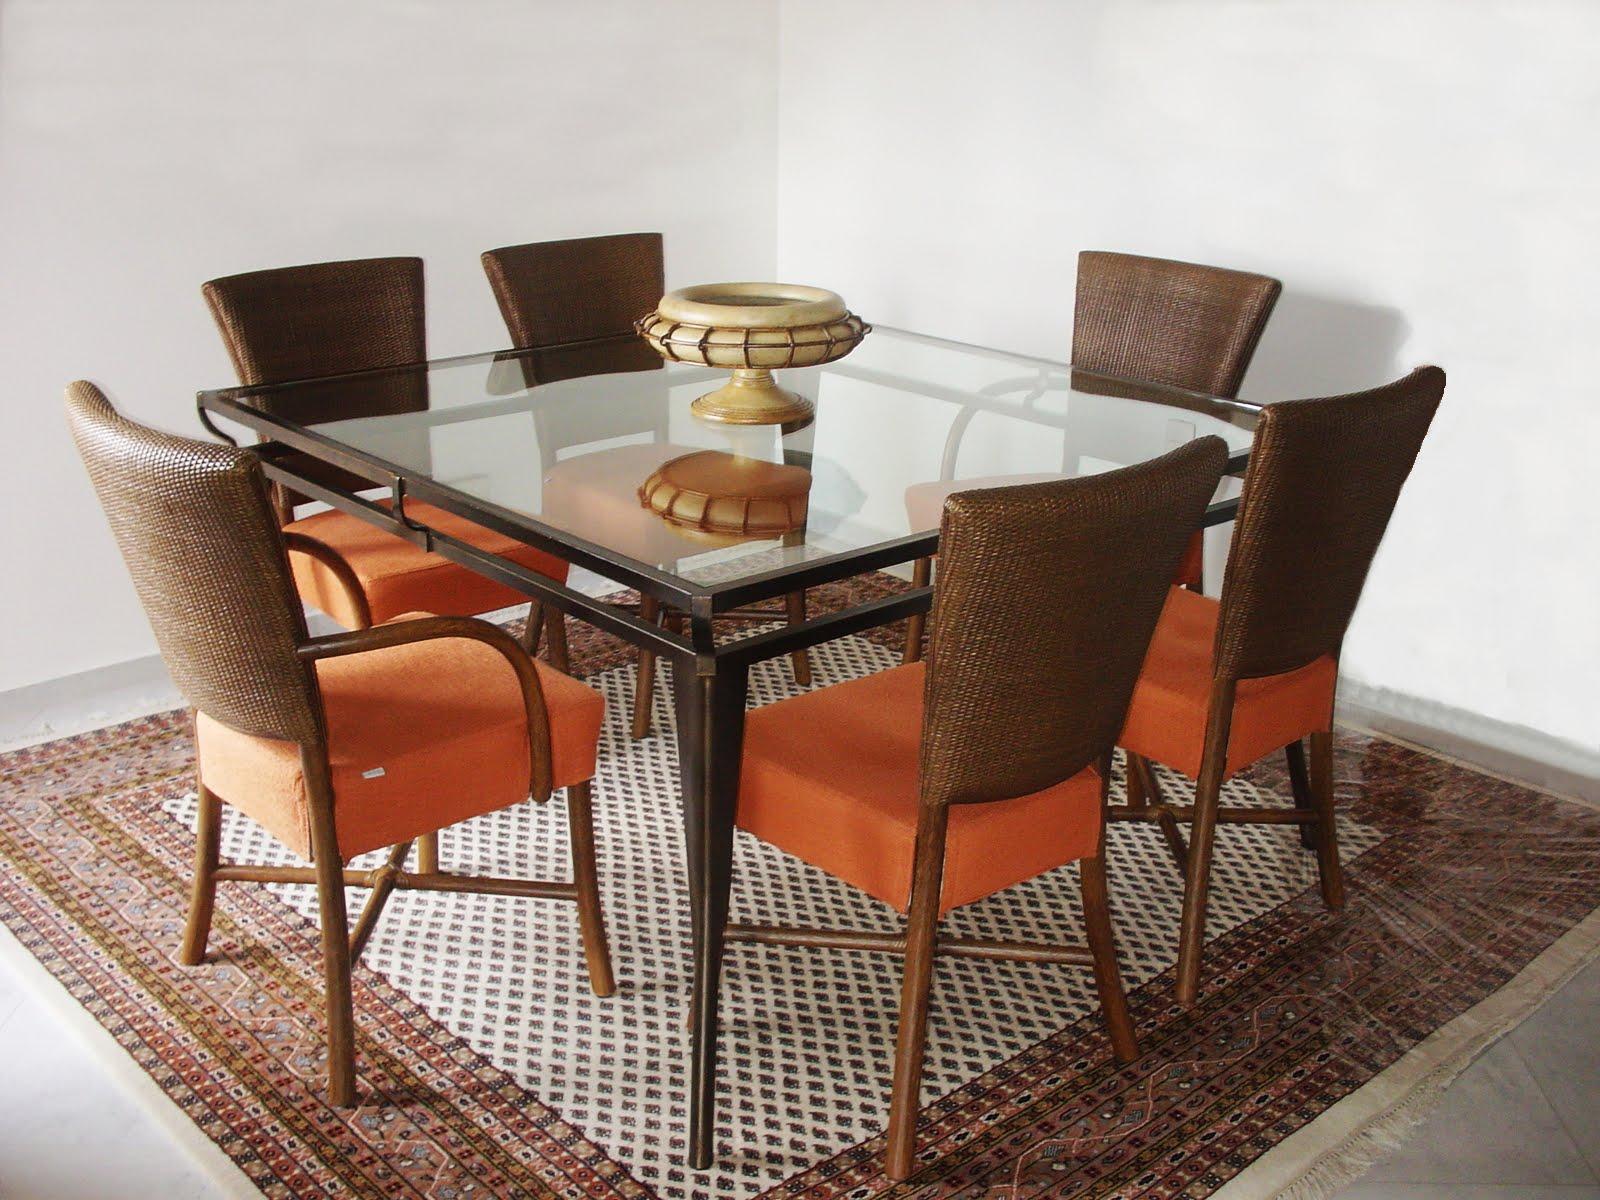 Tamanho De Tapete Sala De Jantar ~ Tapete na sala de jantar deve abrigar todas as cadeiras, mesmo quando